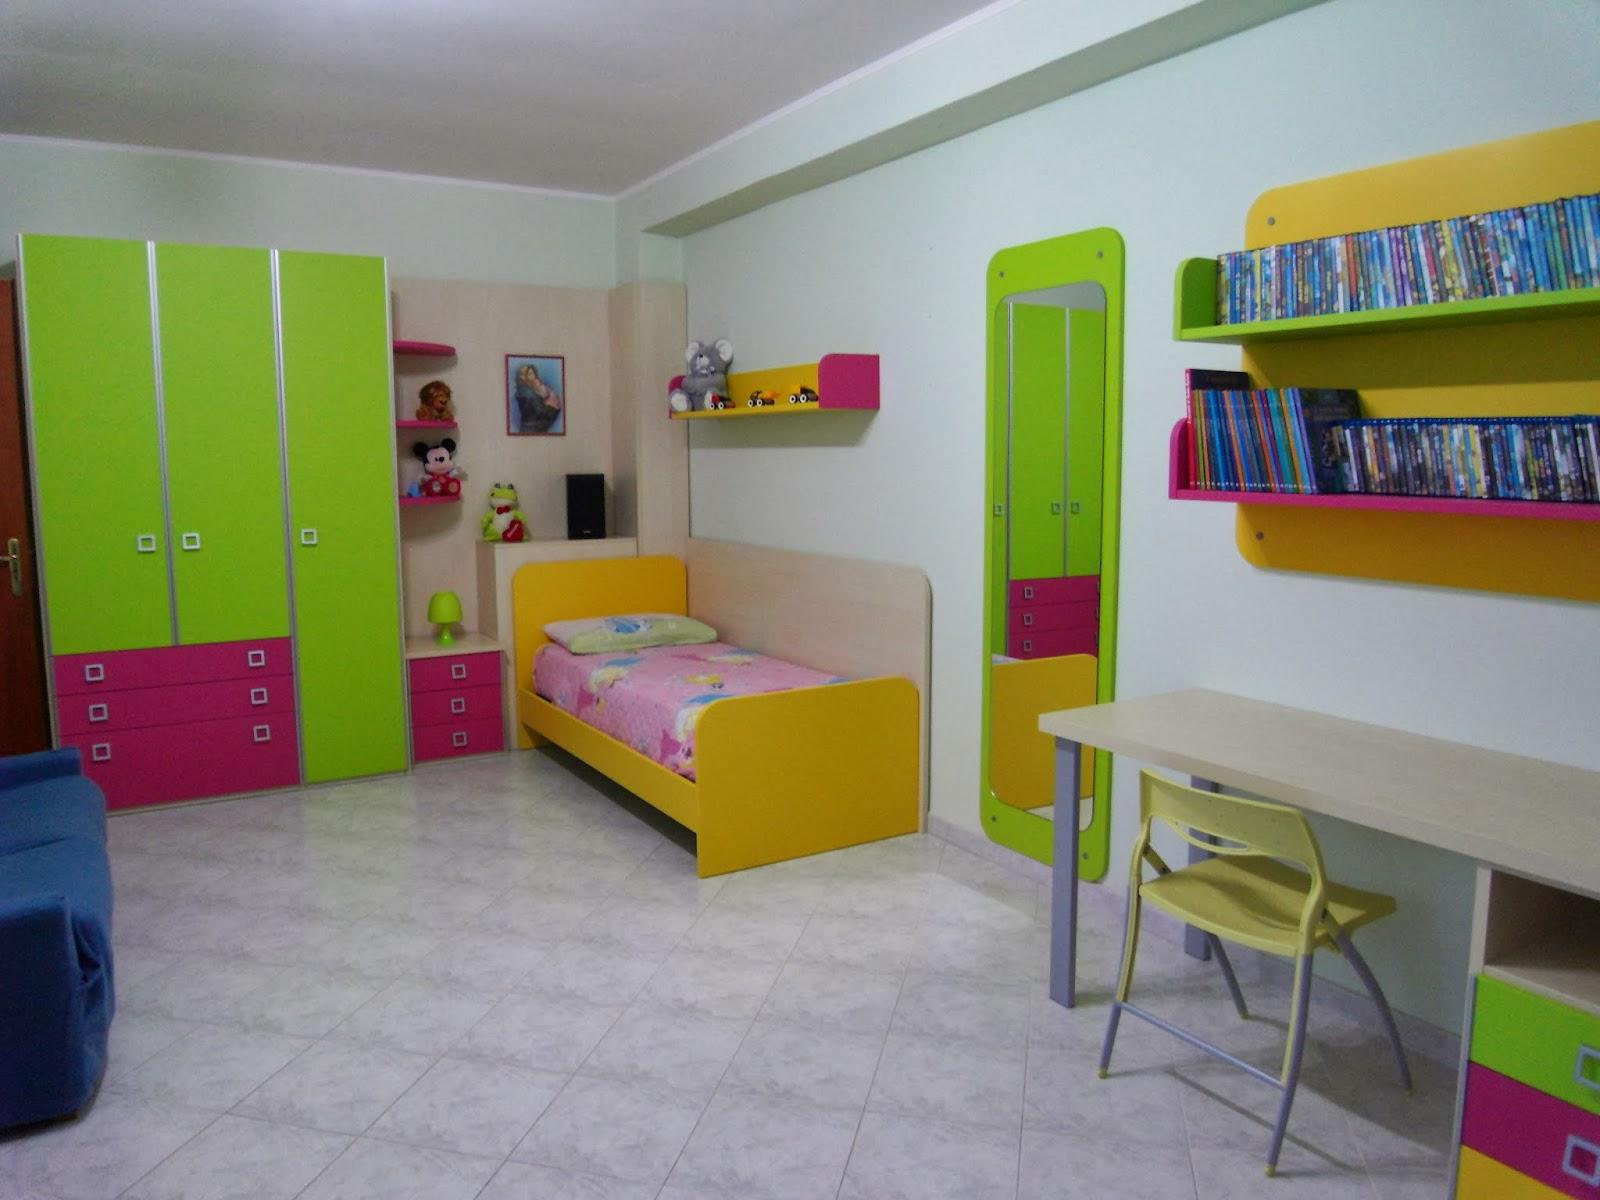 Arredamenti gargante camerette per bimbi for Abitare arredamenti camerette